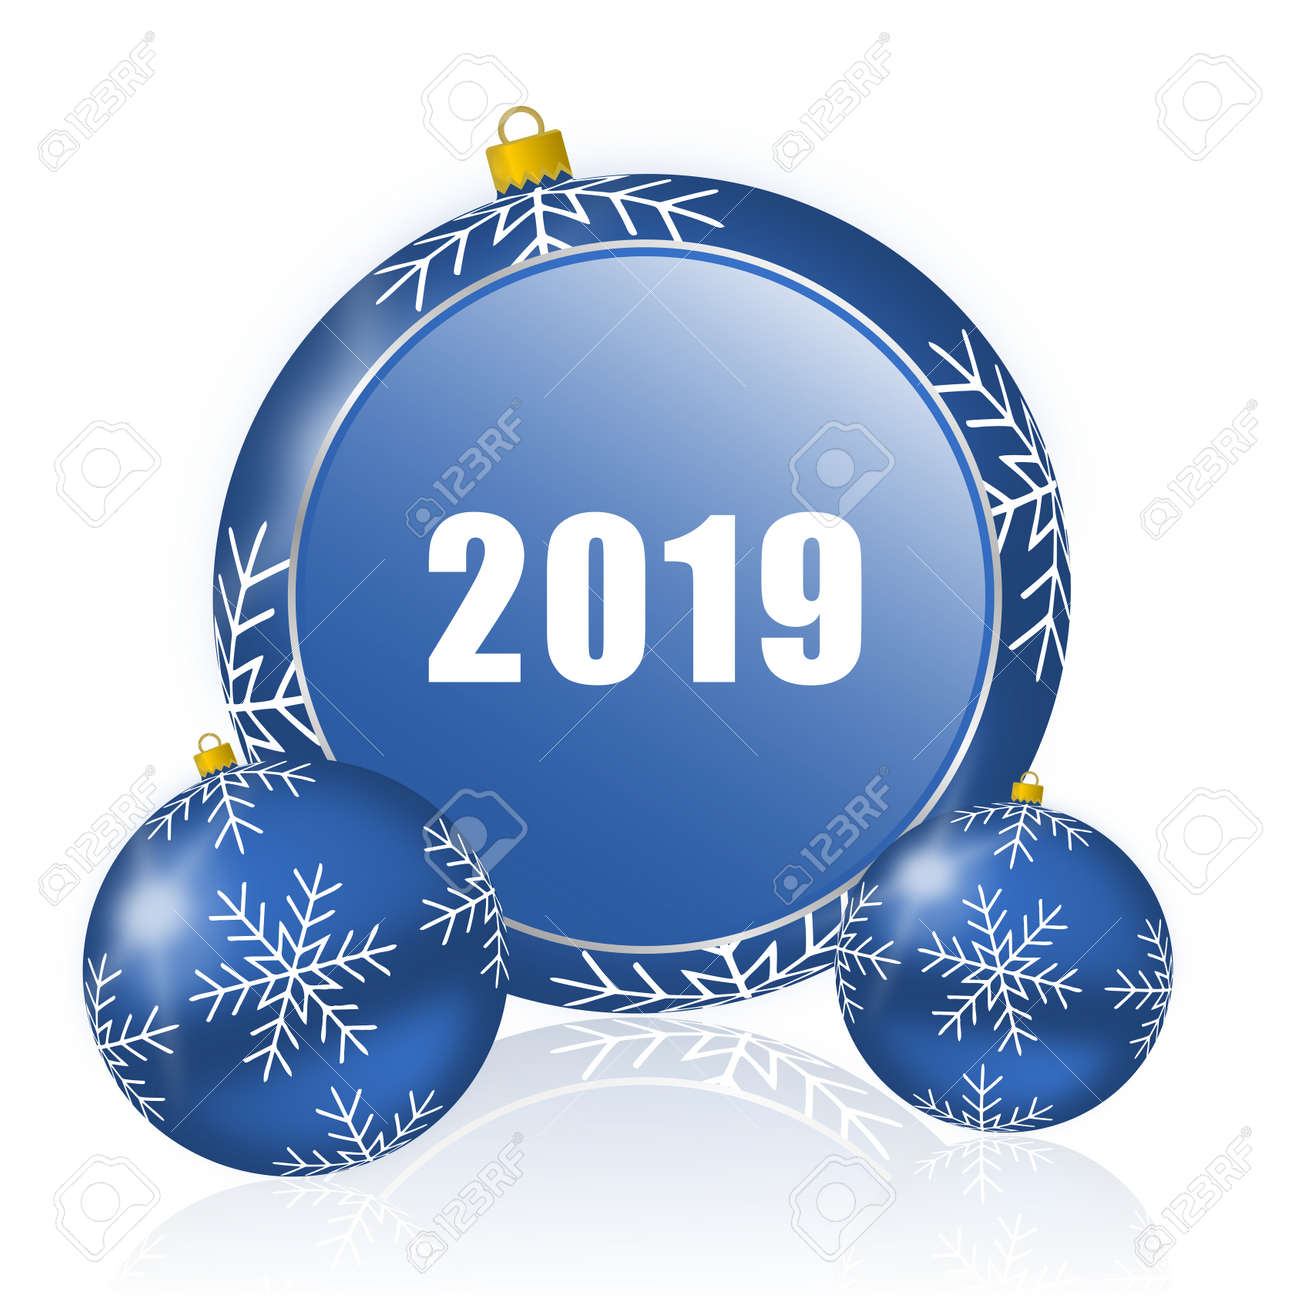 Imagenes De Navidad 2019.Ano Nuevo 2019 Icono De Bolas De Navidad Azul